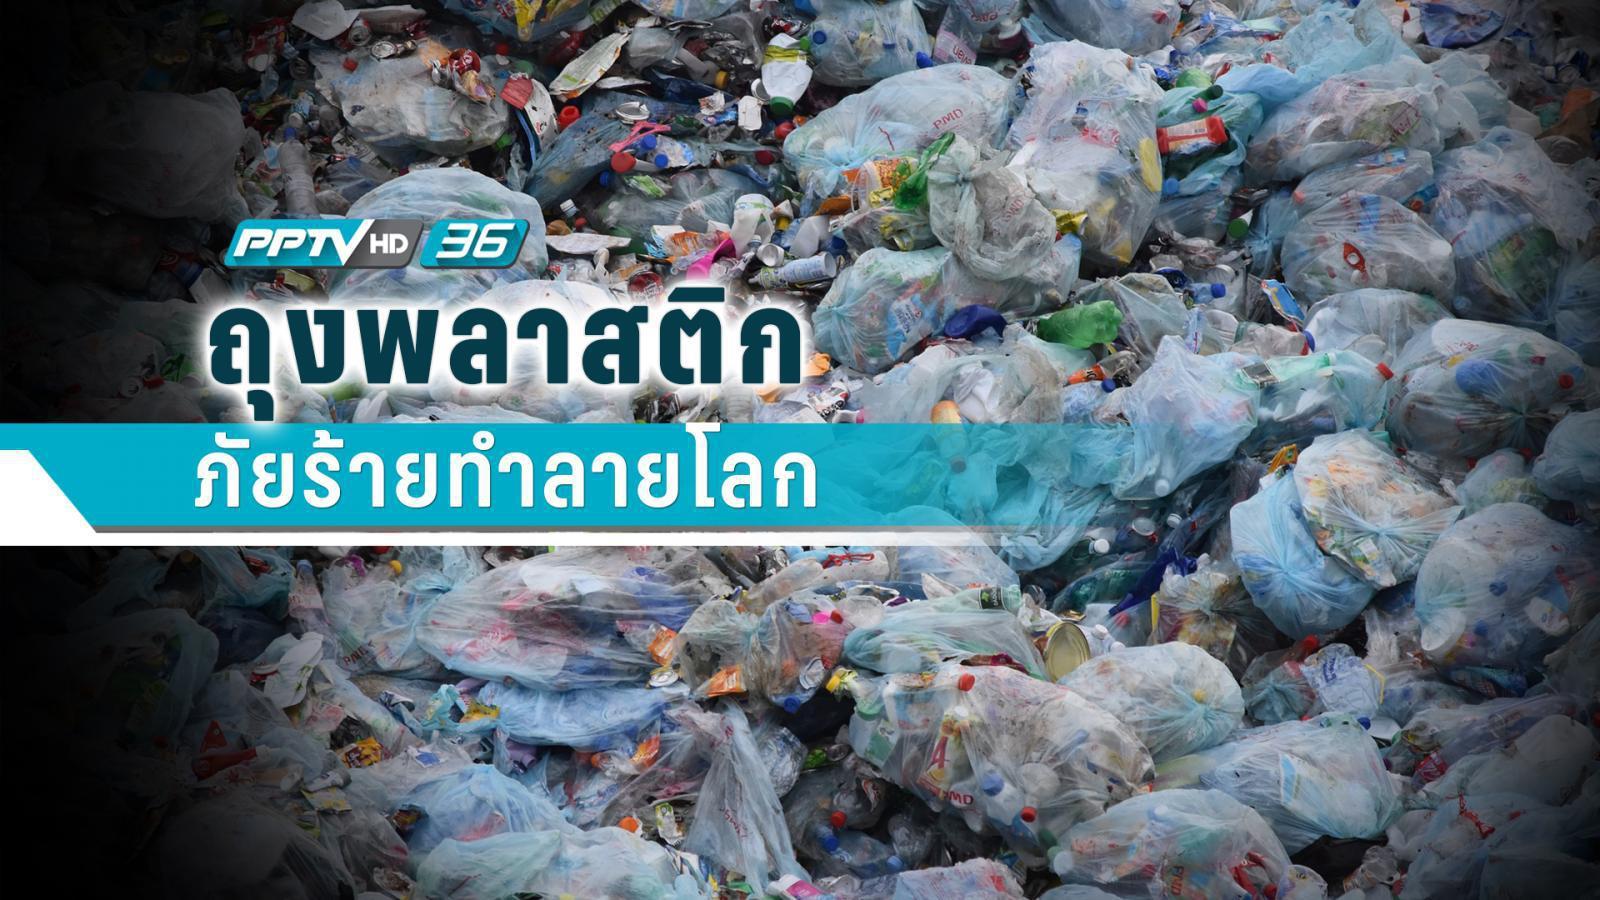 ถุงพลาสติกภัยร้ายทำลายโลก